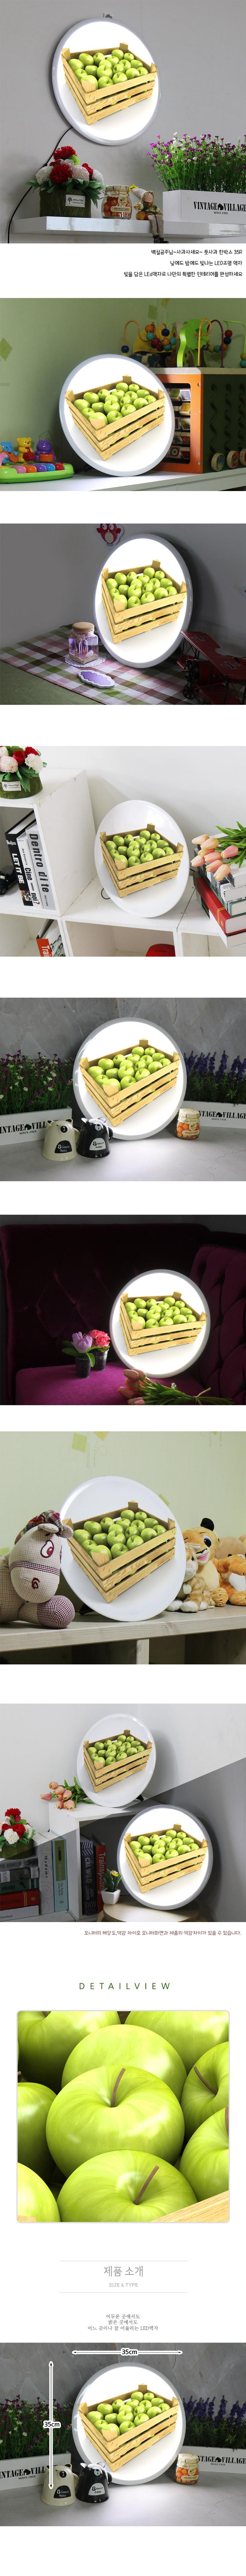 LED액자35R_풋사과한박스 - 꾸밈, 59,000원, 포인트조명, 터치조명